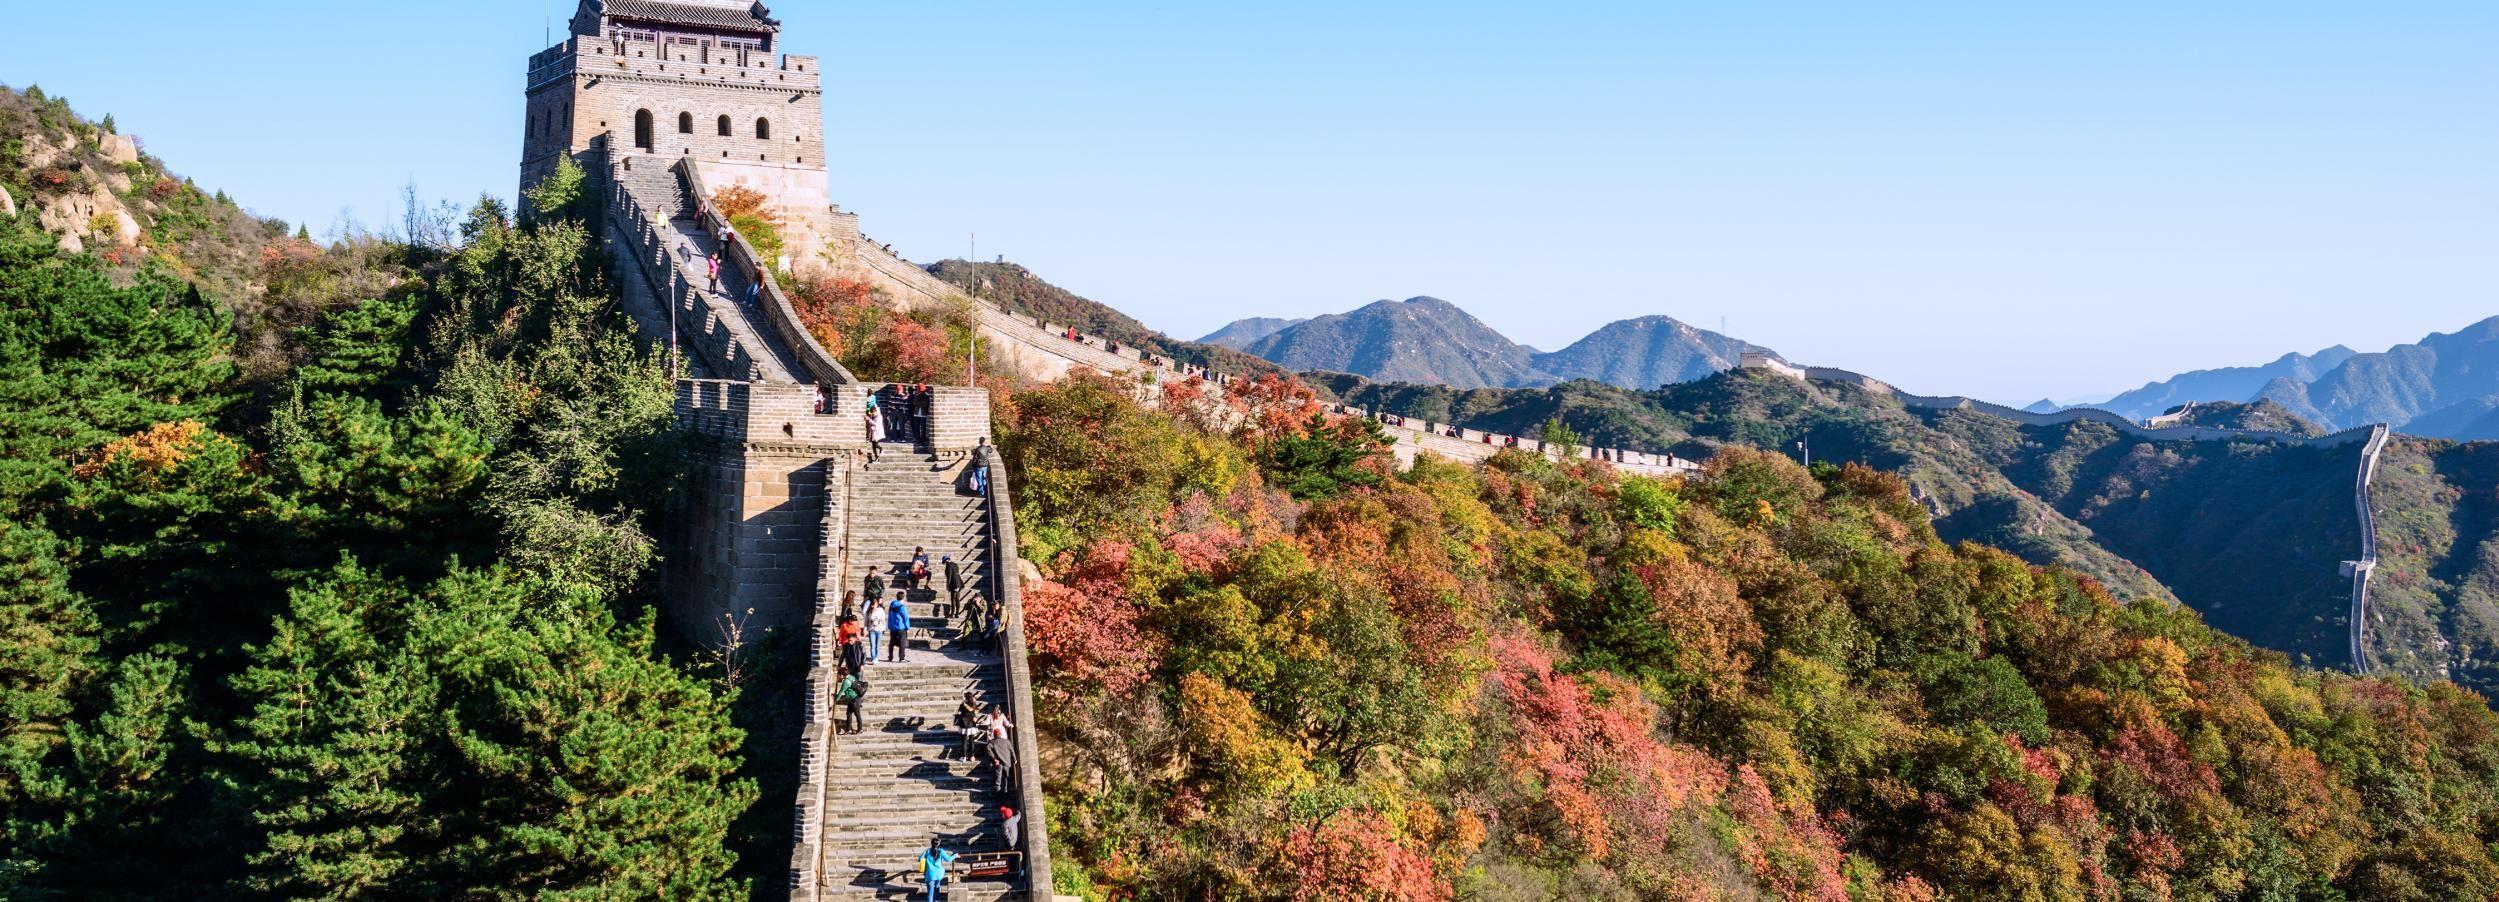 Tour di Badaling Great Wall e Ming Tombs da Pechino